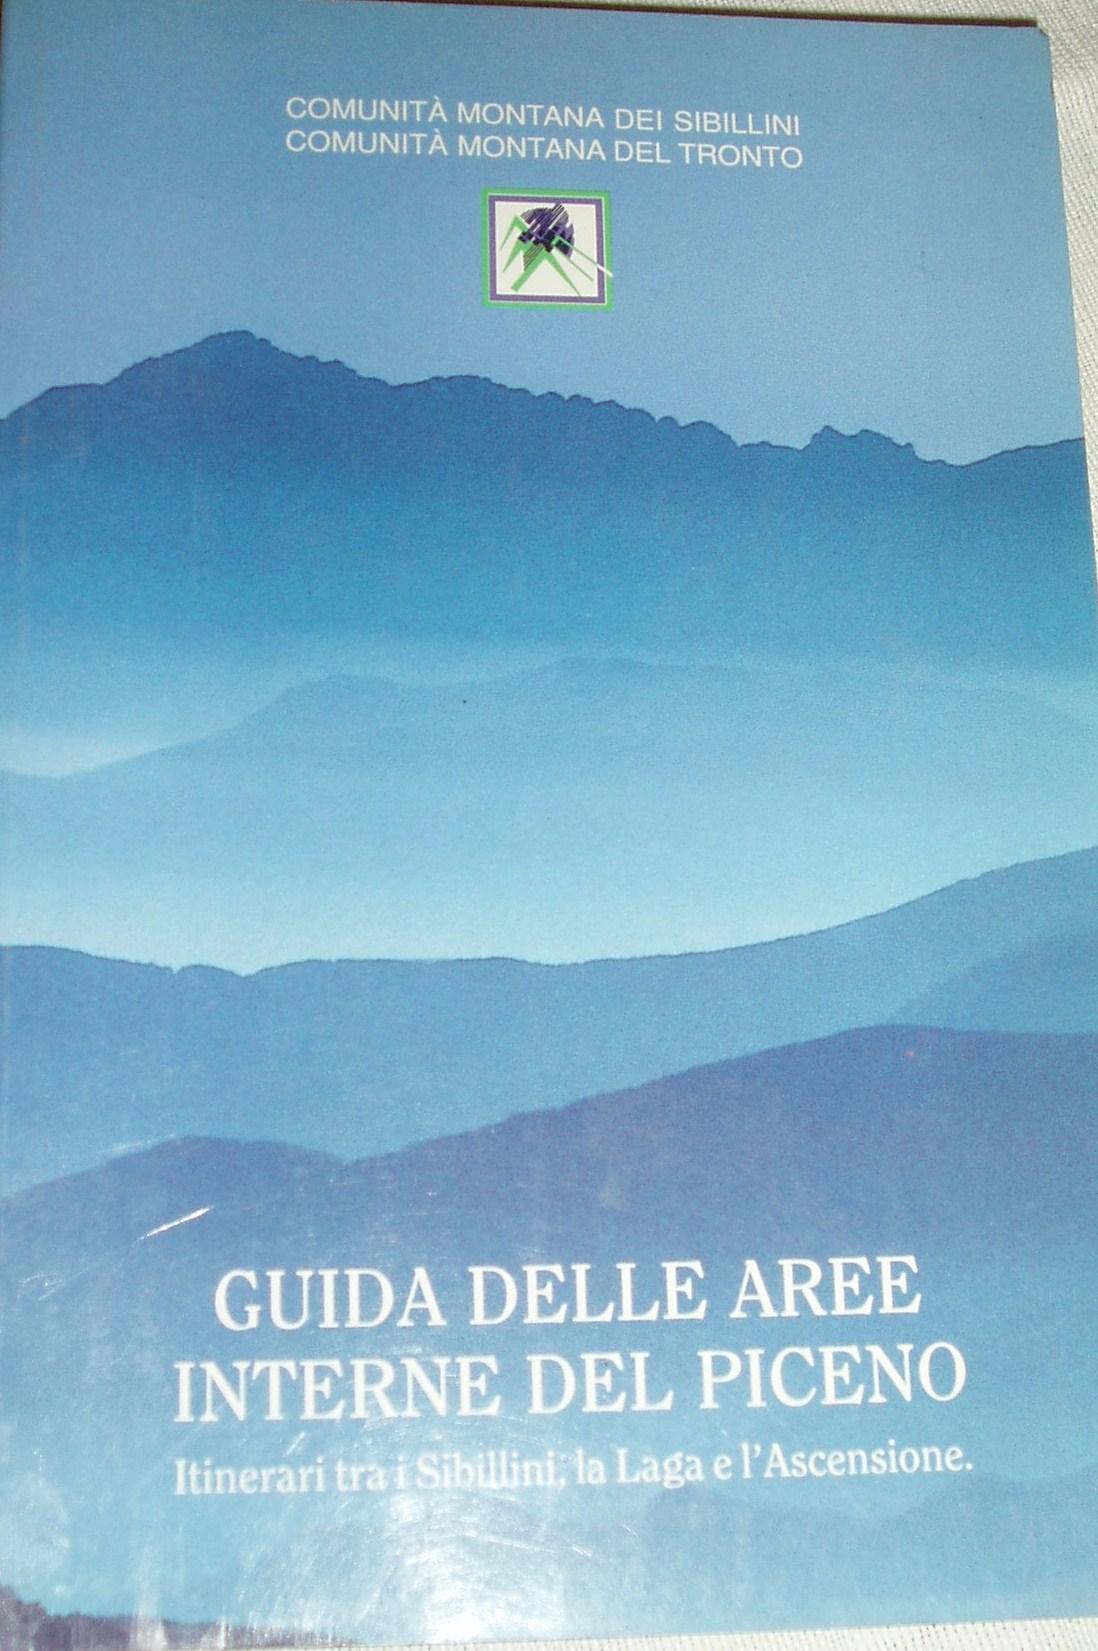 Guida delle aree interne del Piceno